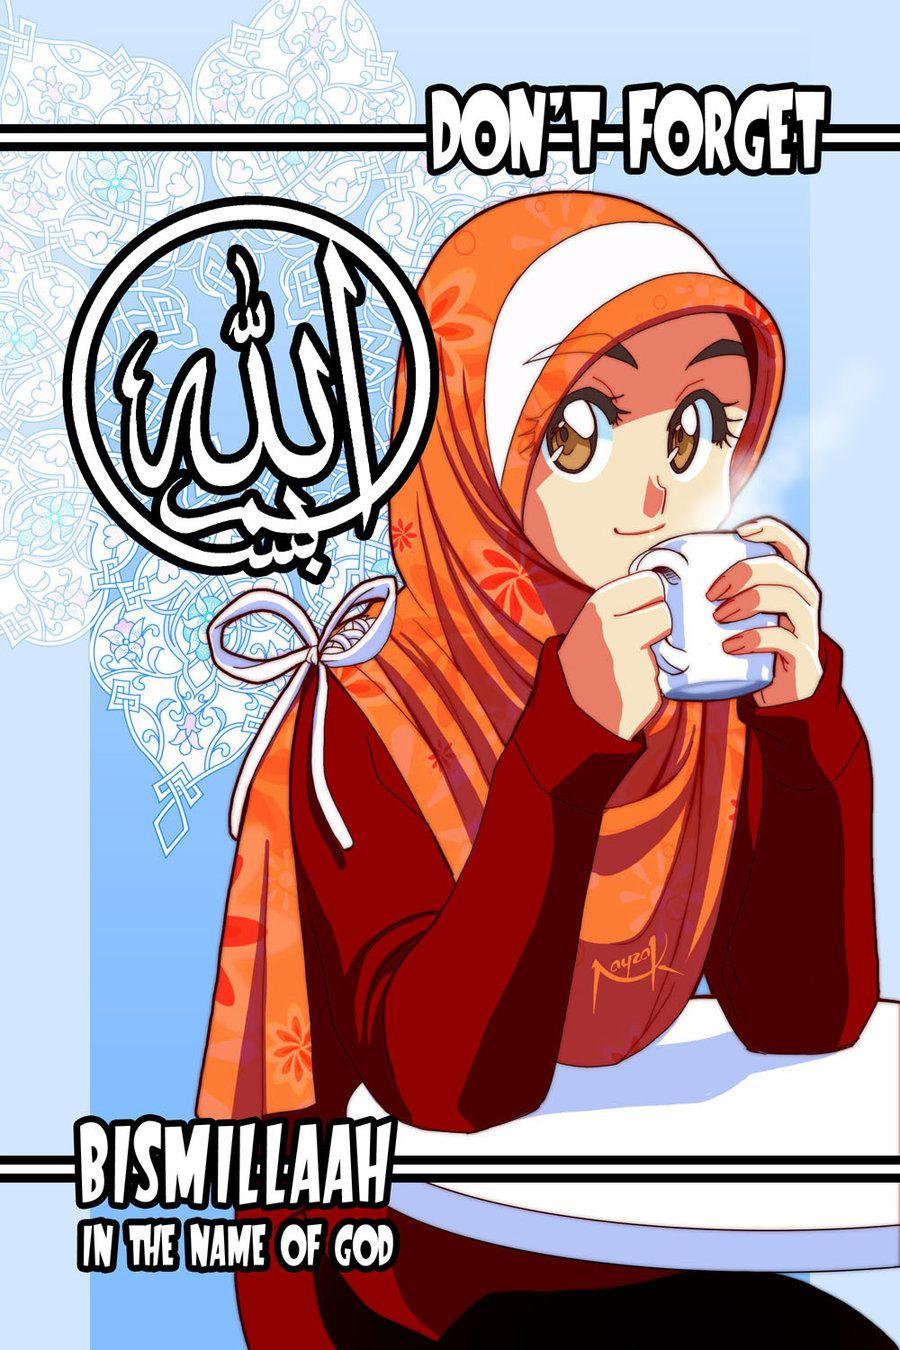 Gambar Bis Animasi : gambar, animasi, Don't, Forget, Bismillaah, Nayzak, DeviantArt, Kartun,, Islamis,, Animasi